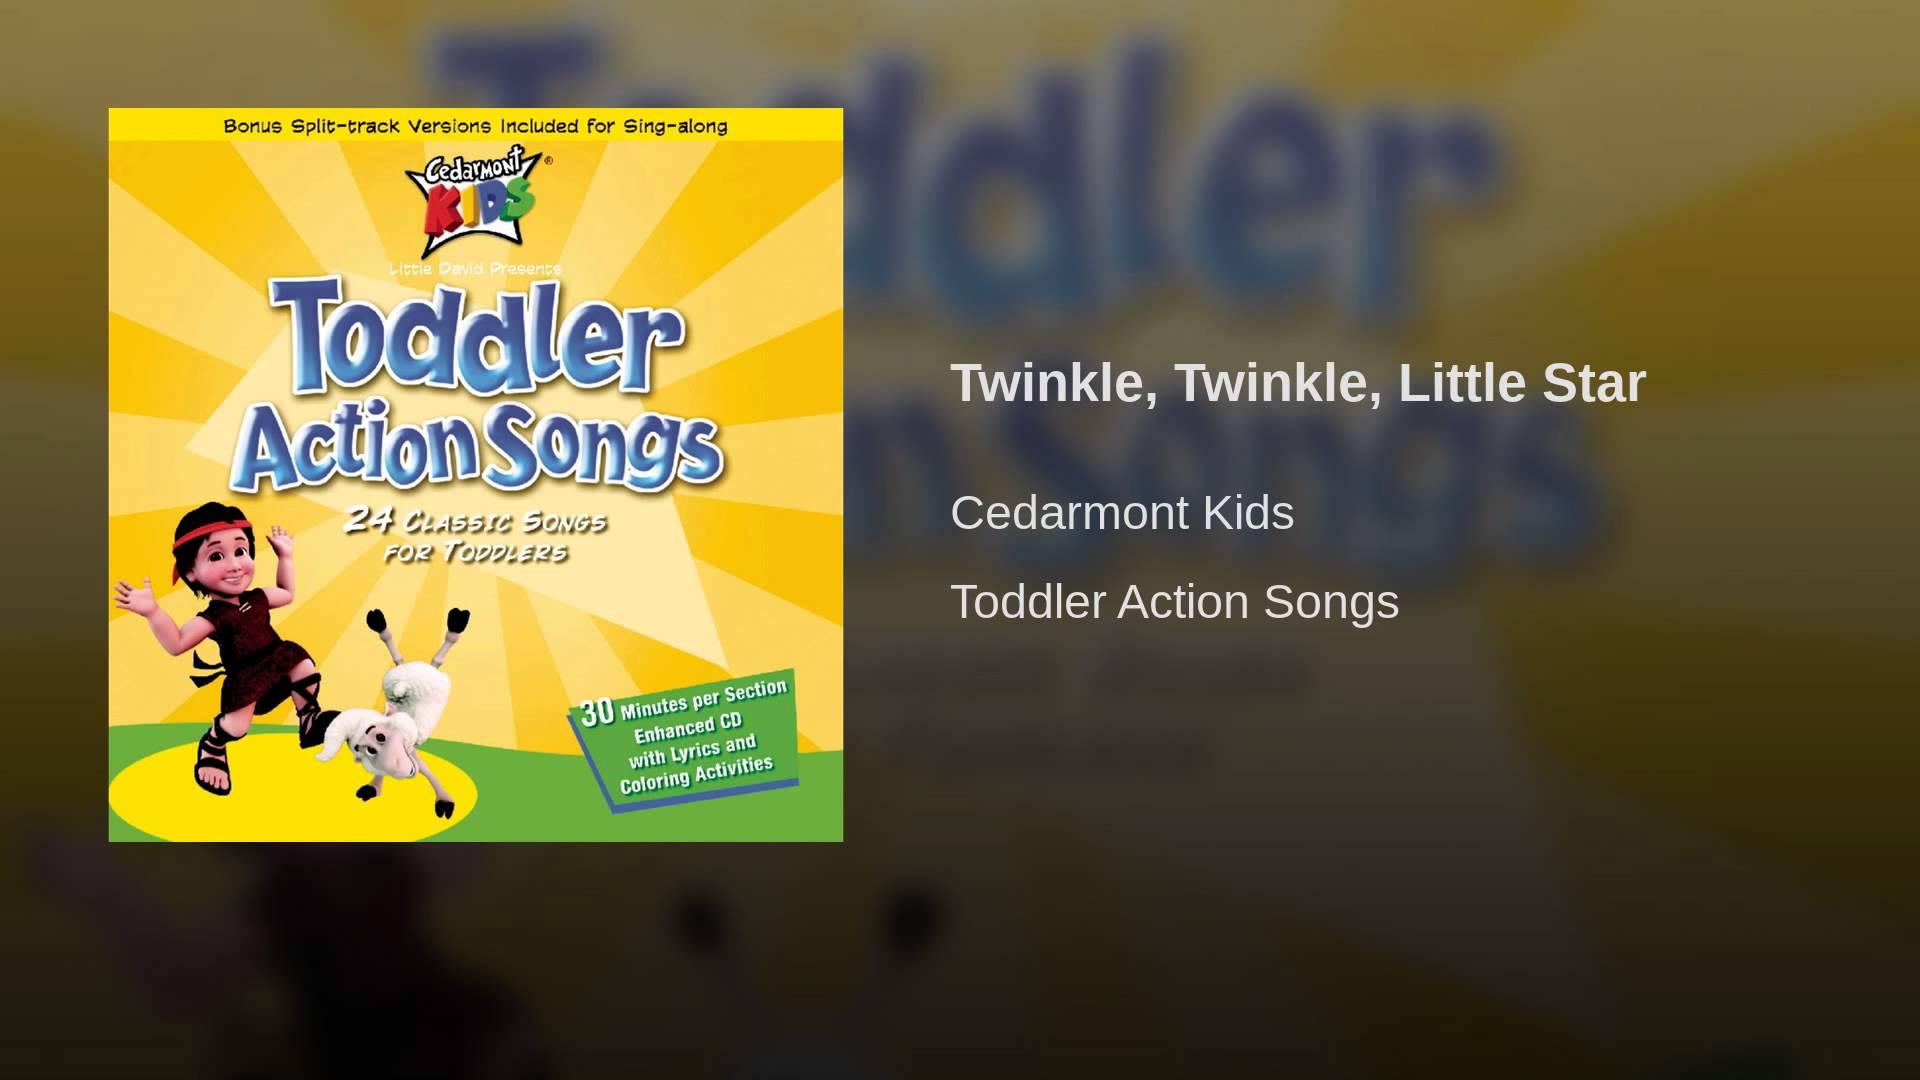 Twinkle, Twinkle, Little Star (Split-Track Format)